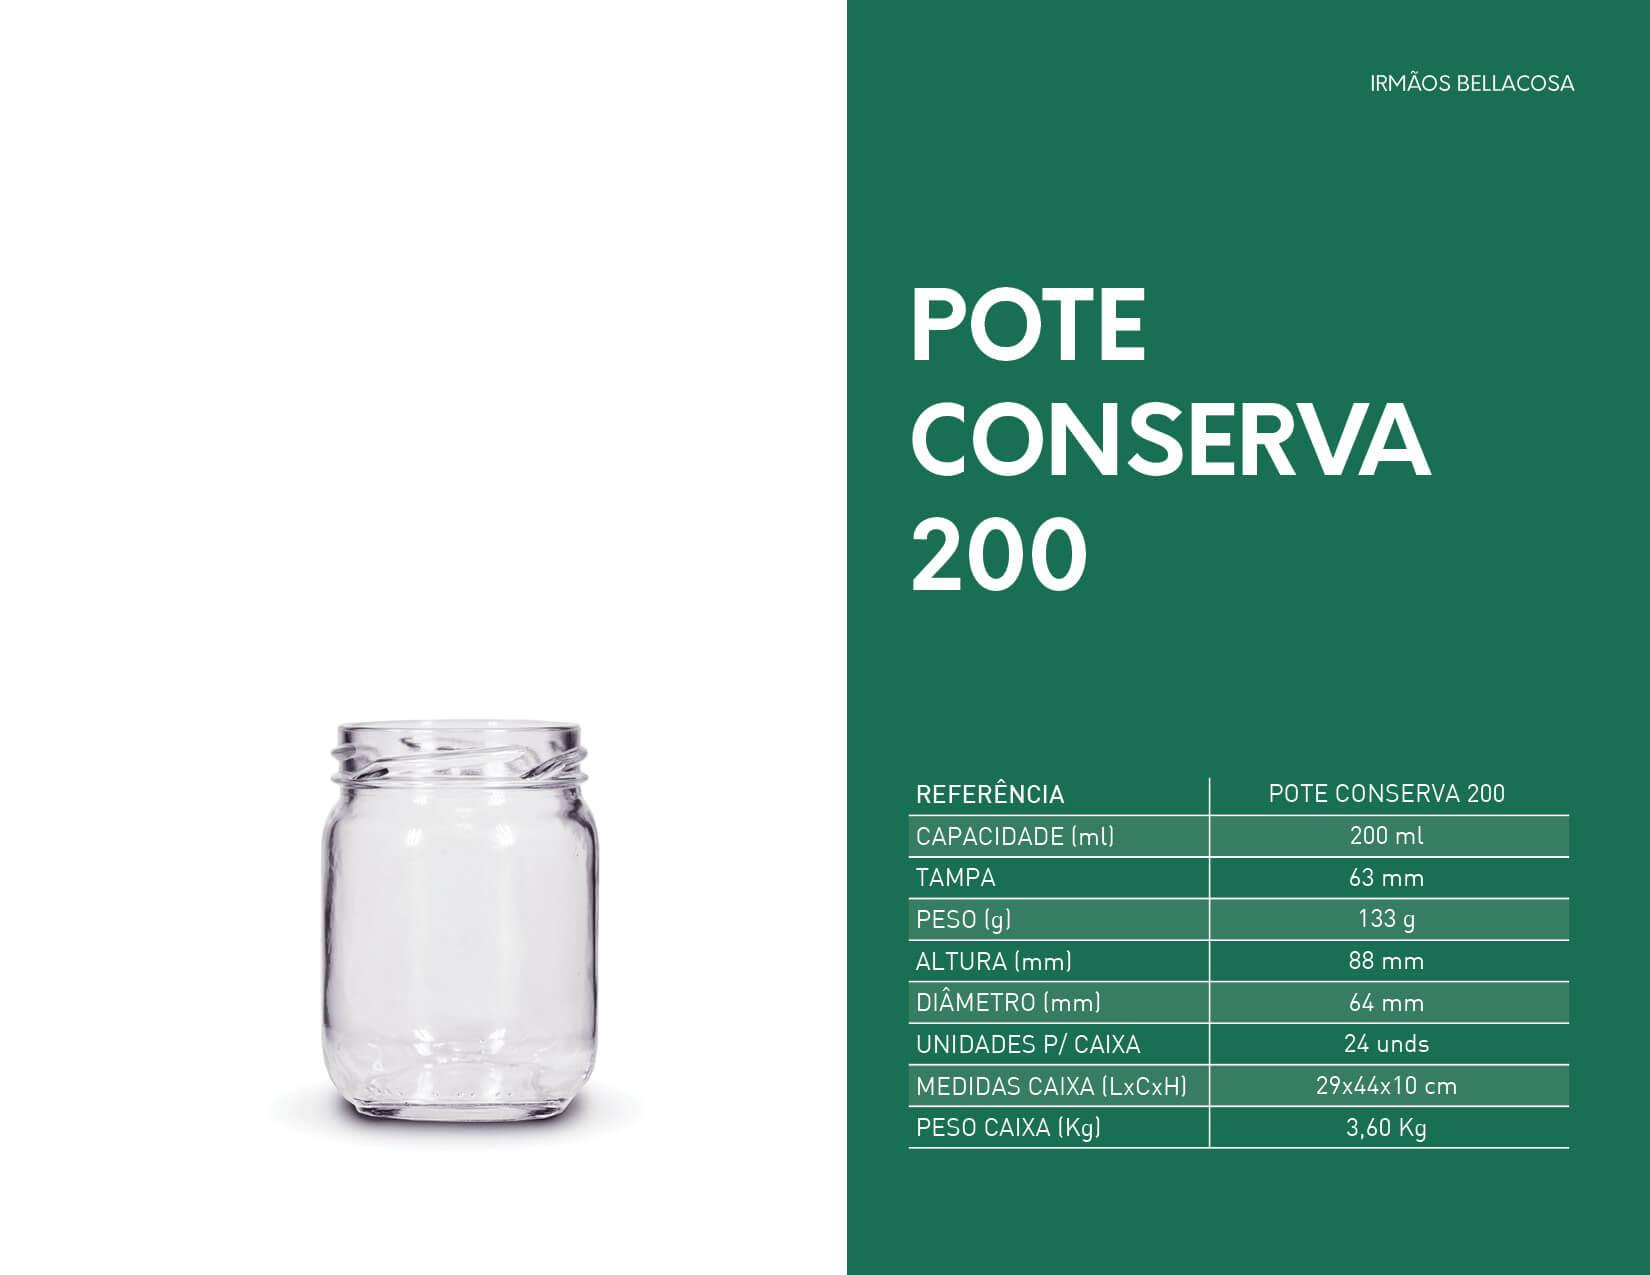 008-Pote-conserva-200-irmaos-bellacosa-embalagens-de-vidro